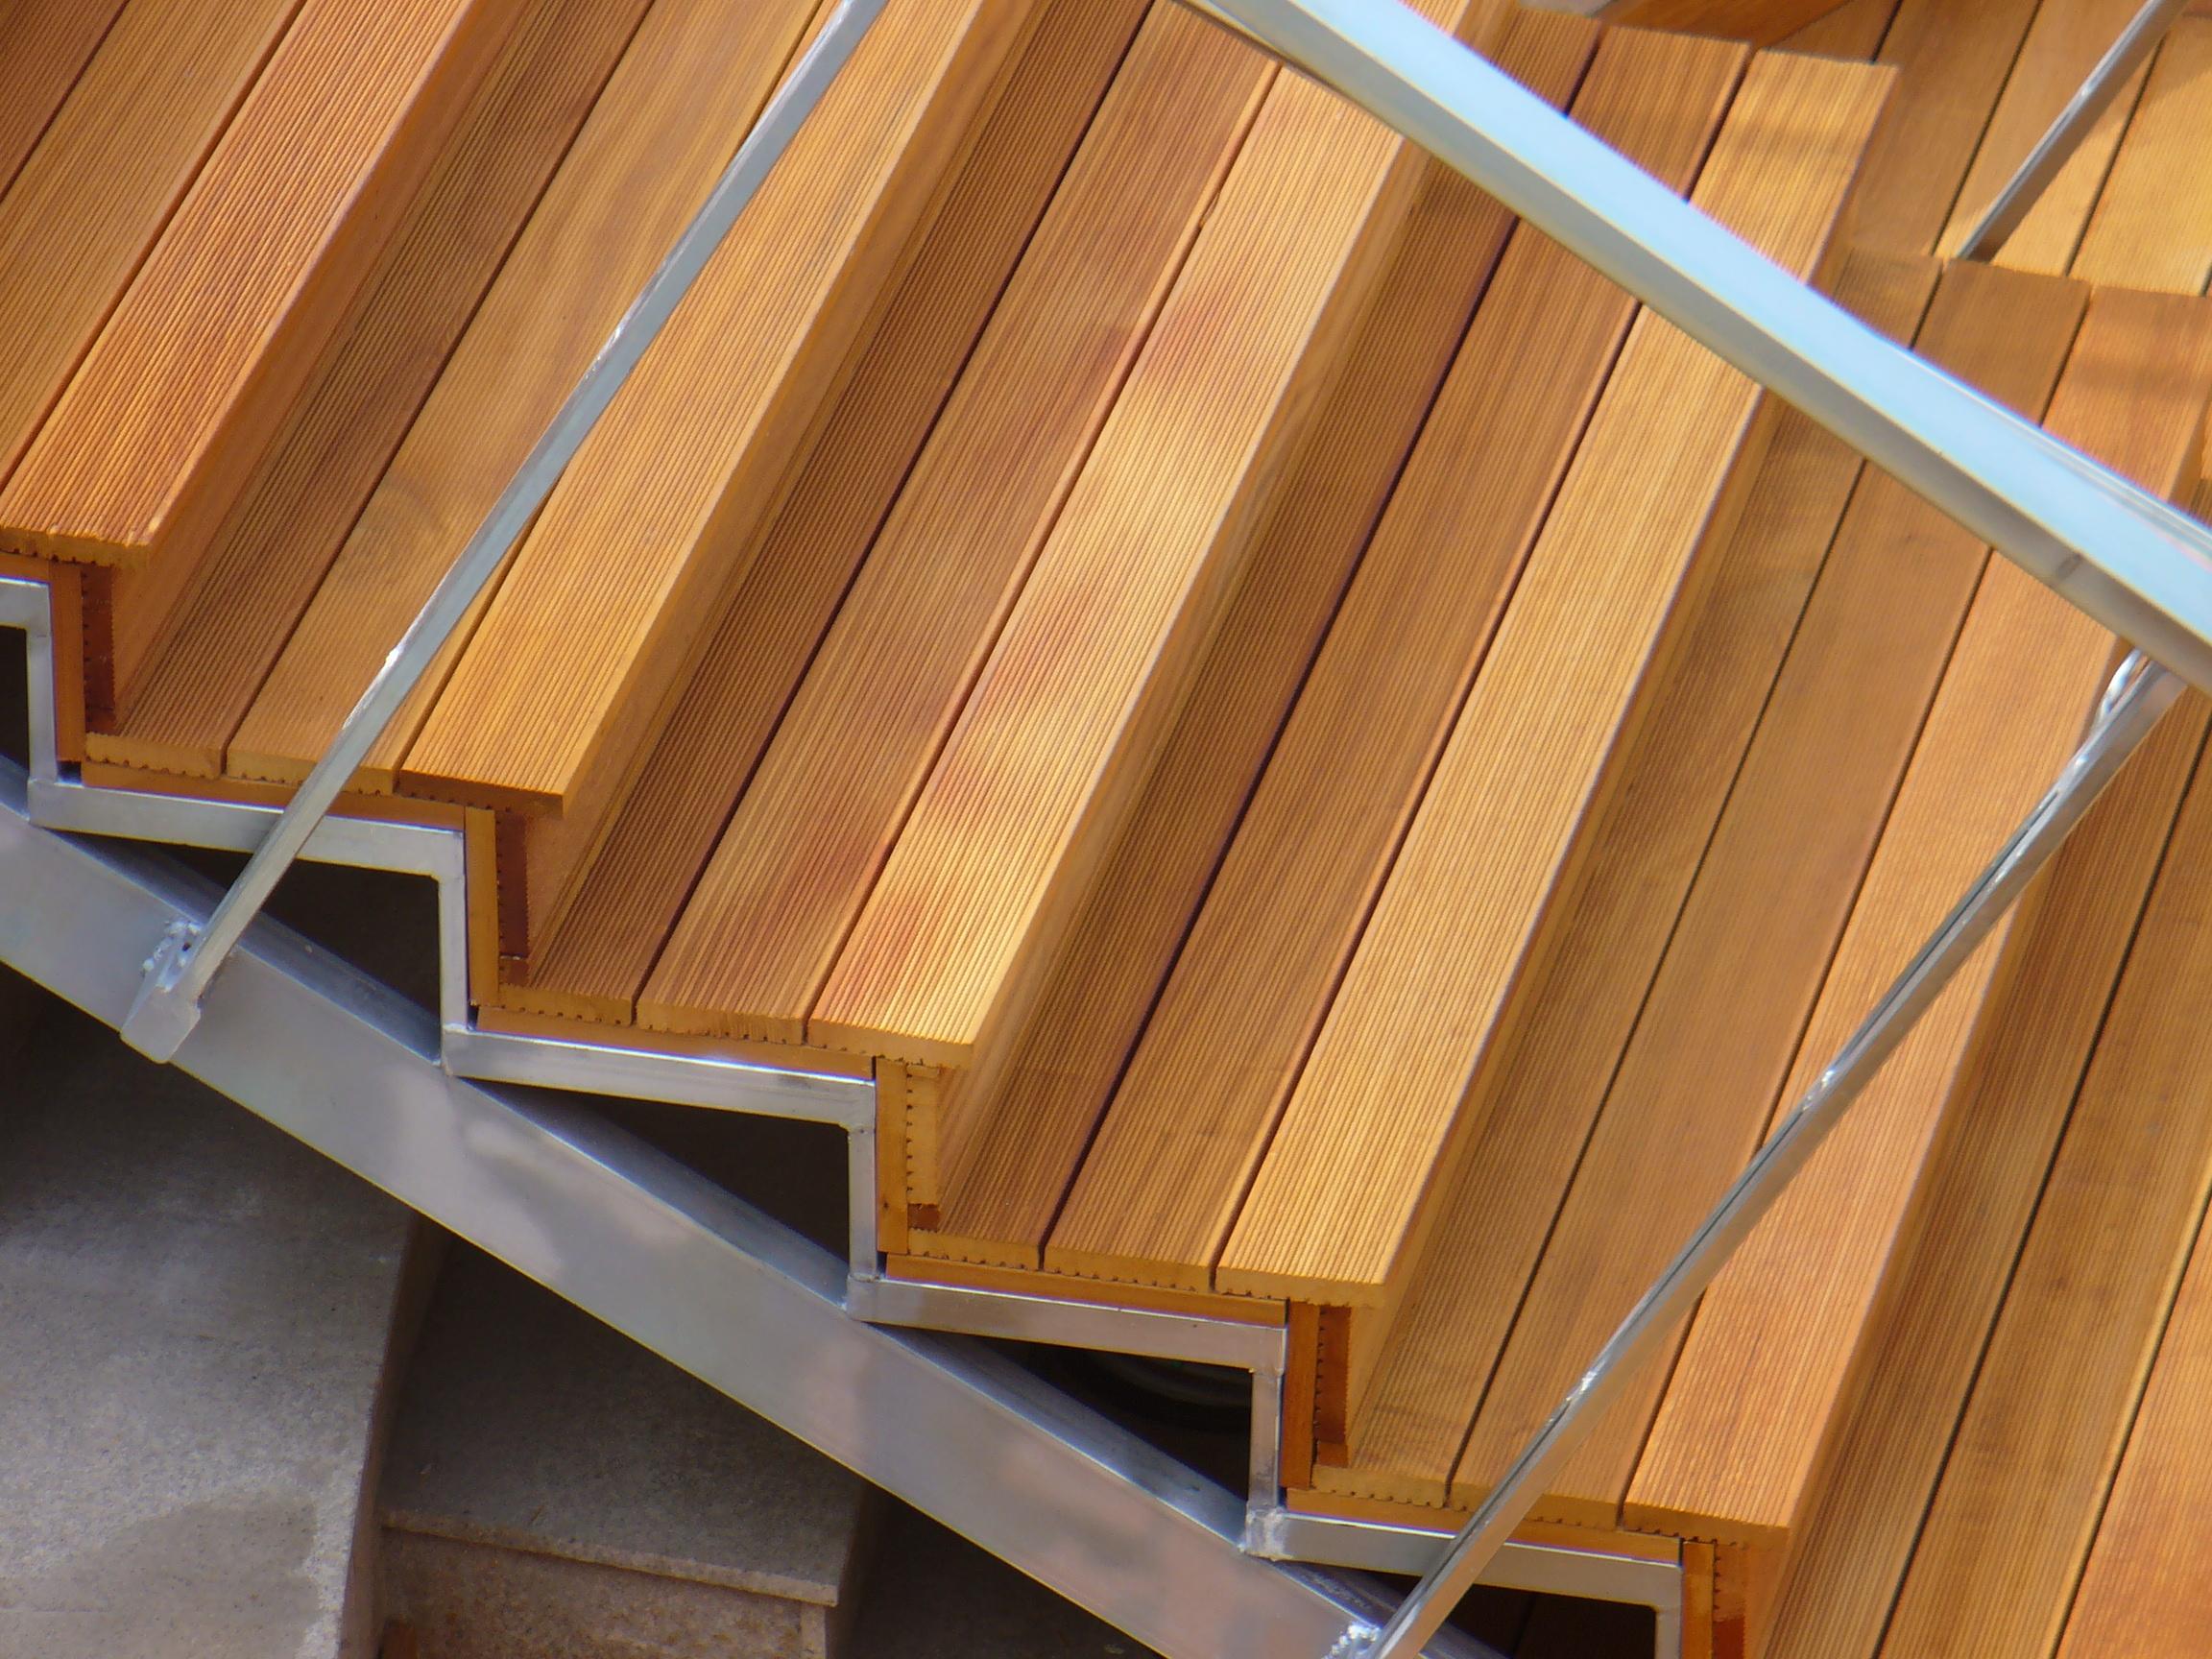 Deck-uri lemn - Guariuba SELVA FLOORS - Poza 36